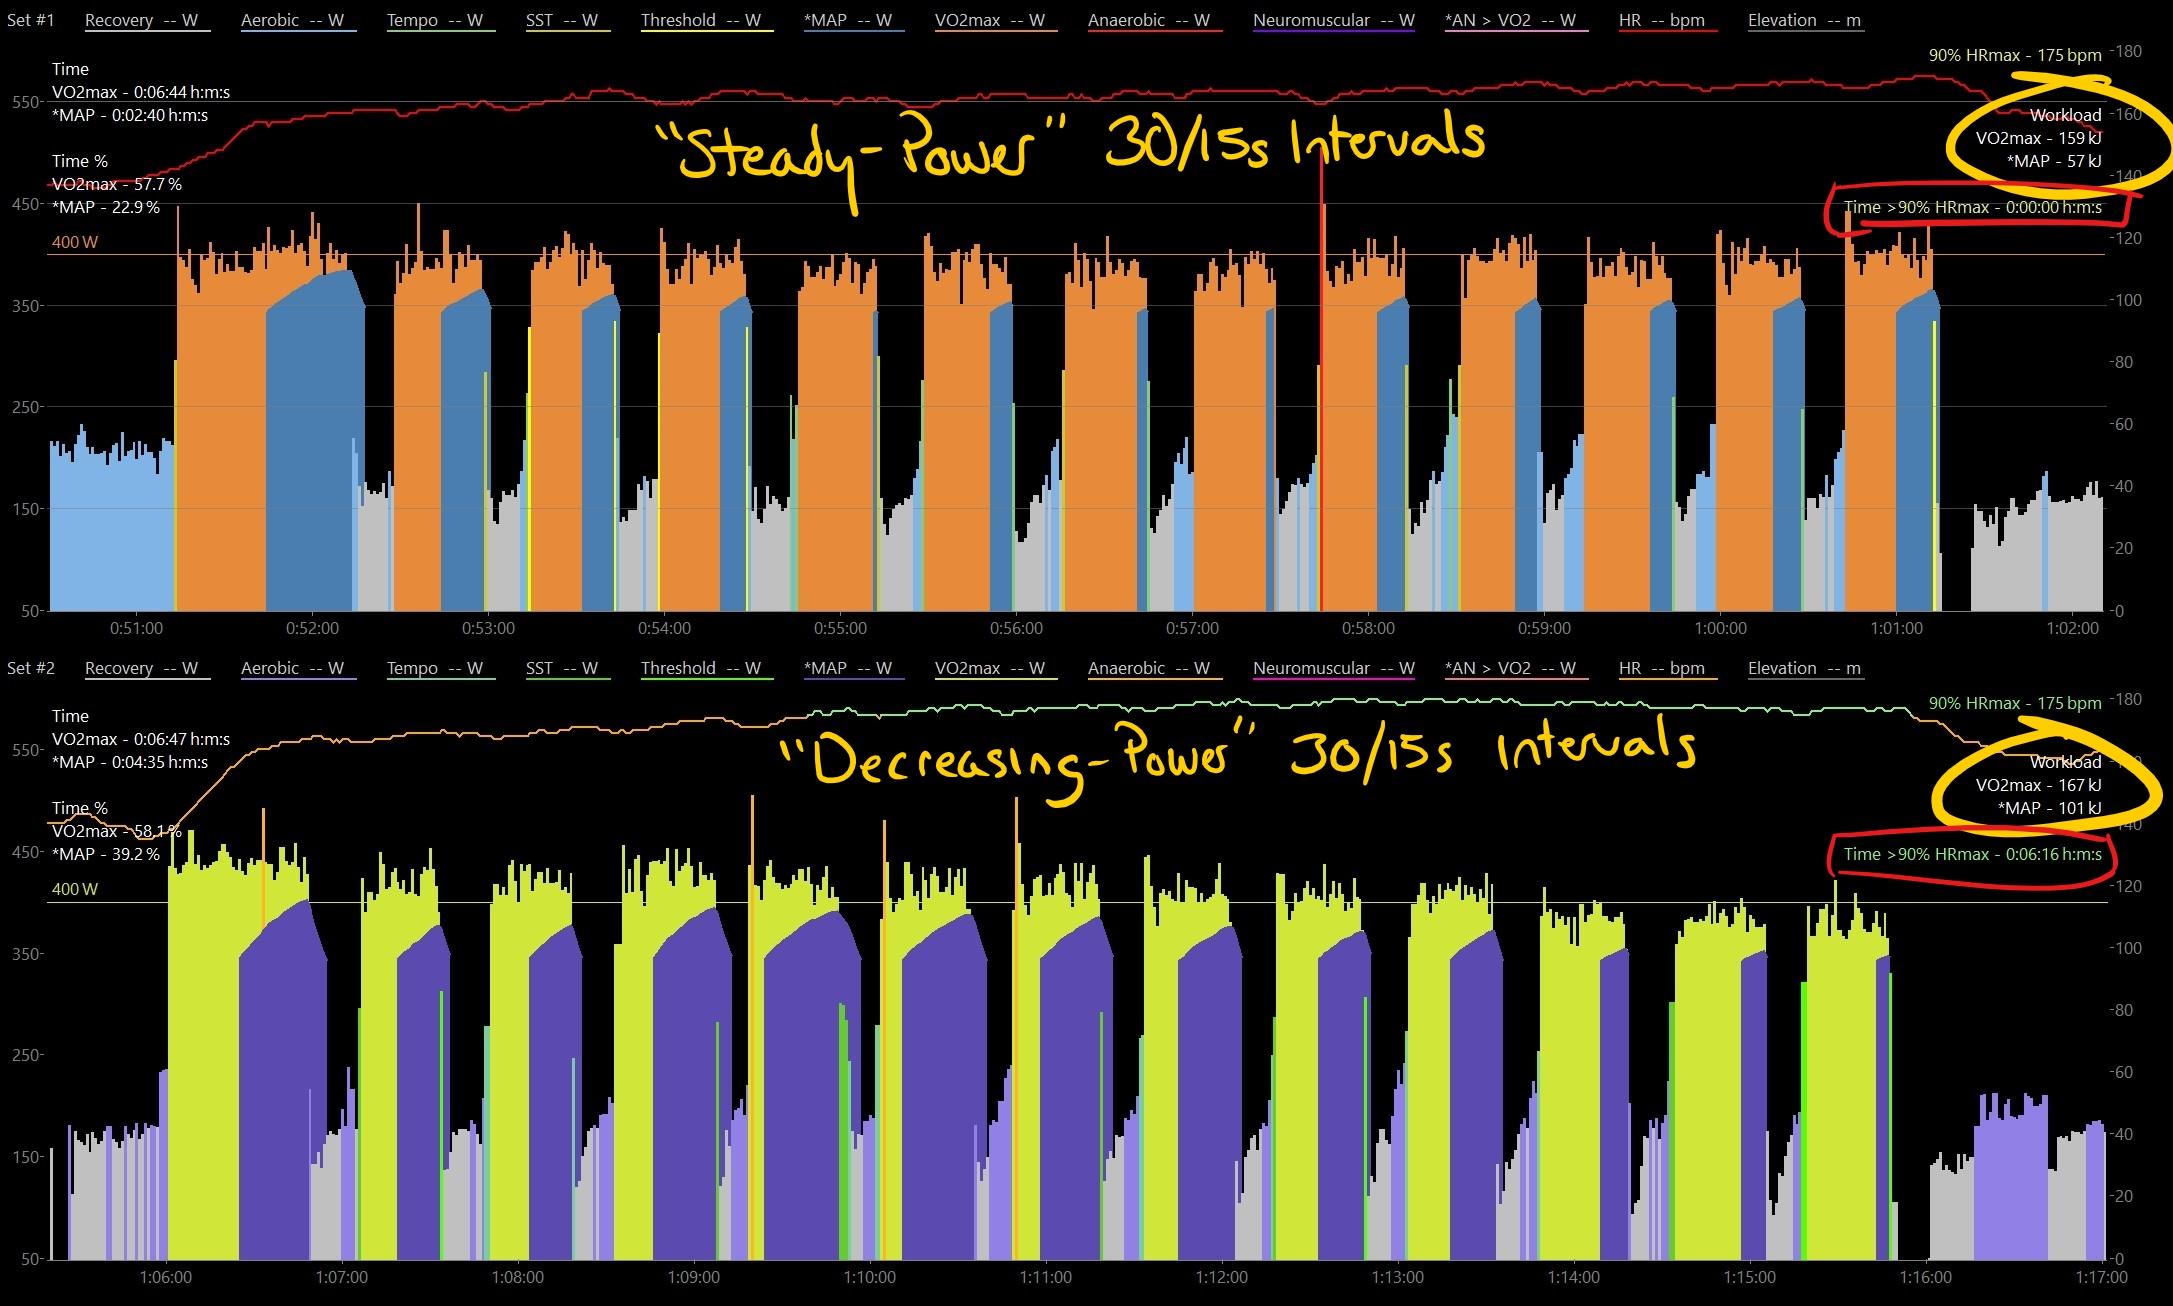 ברצינות Comparing Steady Power to Decreasing Power – Spare Cycles OO-44